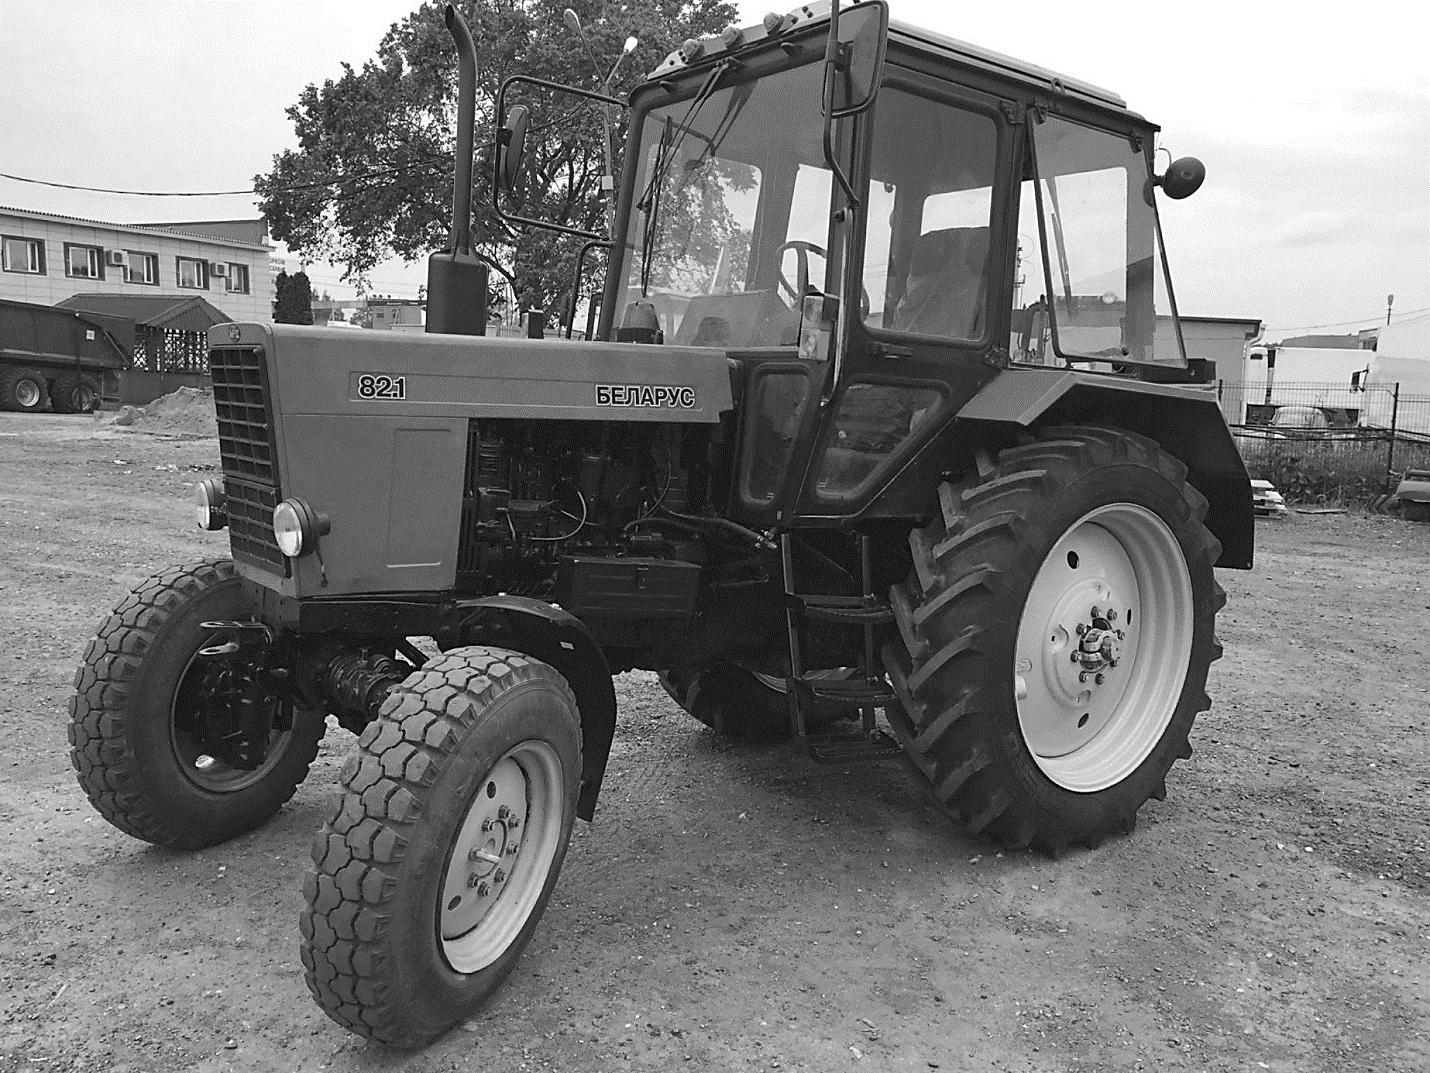 Трансмиссия и колеса трактора — конструктивные особенности